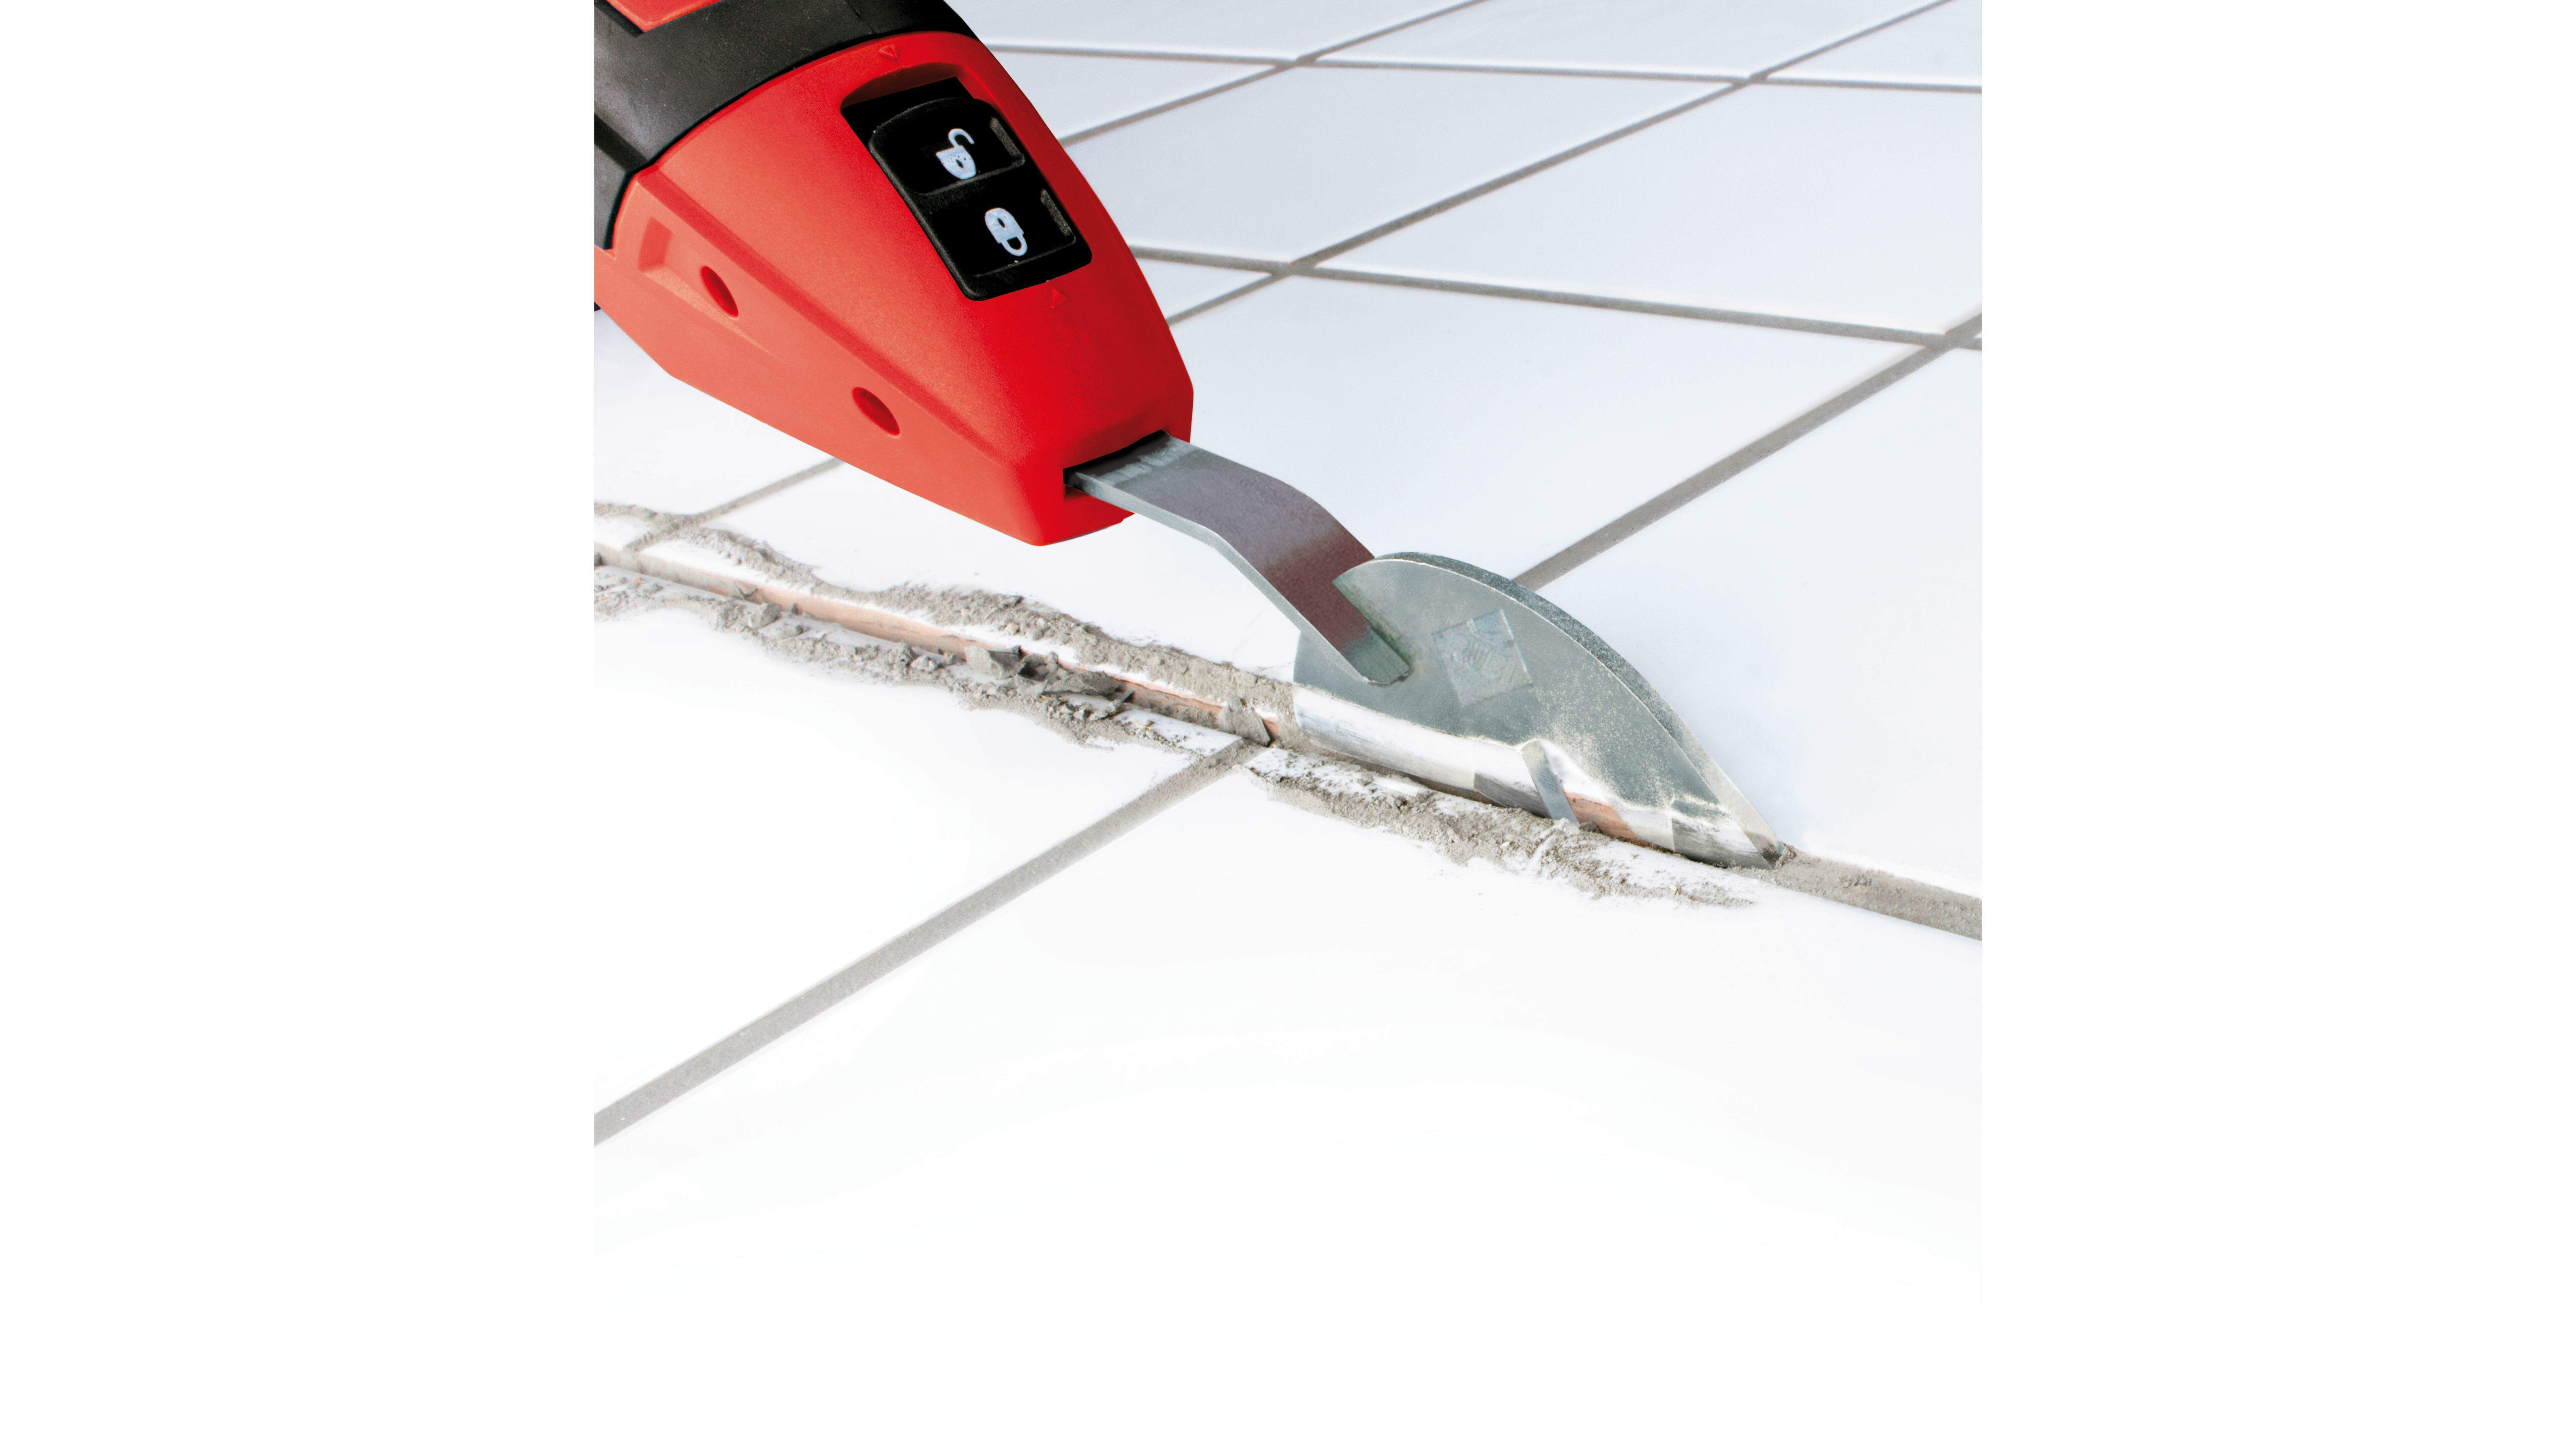 Een handig gereedschap zoals de RUBISCRAPER zorgt dat je snel van je lijmresten af bent.